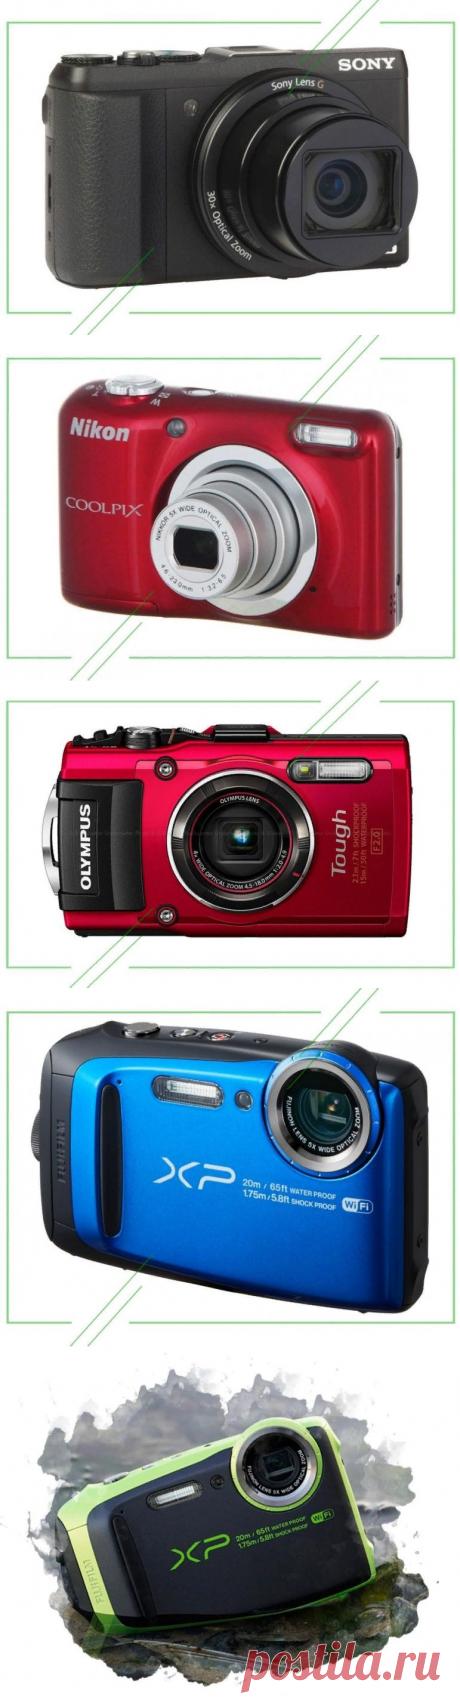 ТОП-7 лучших цифровых фотоаппаратов